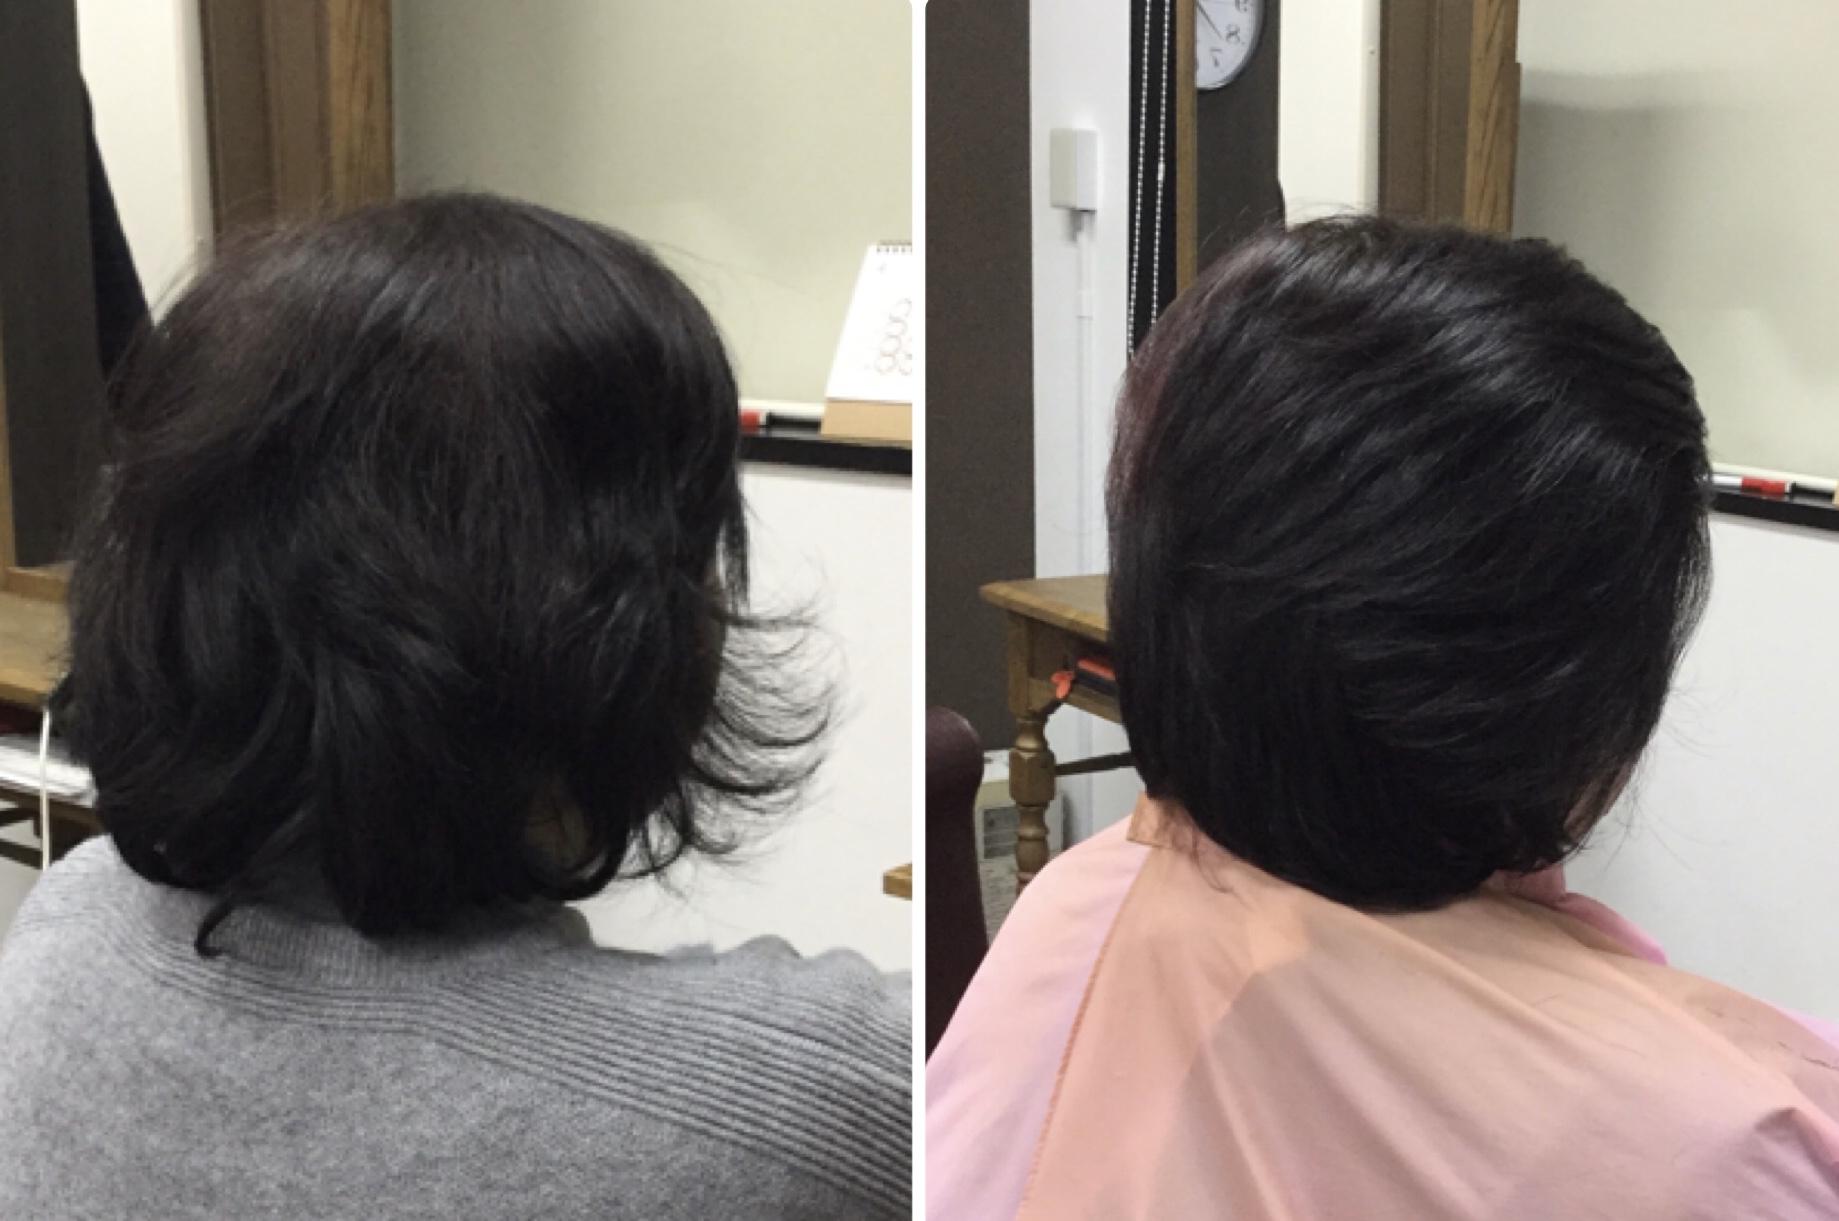 ヘナもインディゴも植物なので髪に頭皮に身体にダメージがなく健康的です。